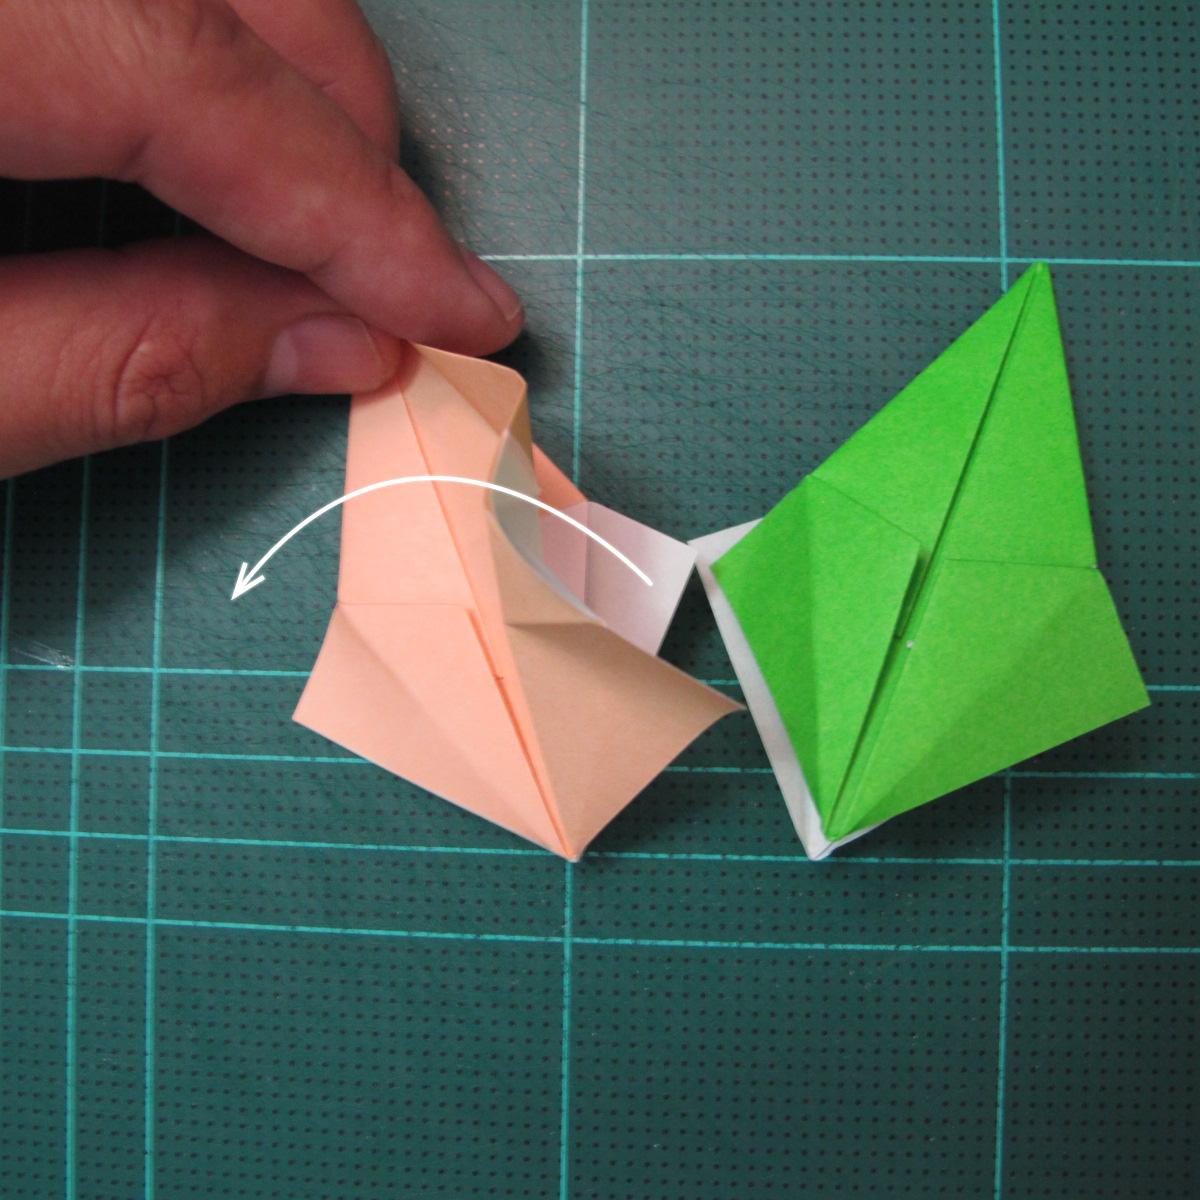 การพับกระดาษแบบโมดูล่าเป็นดาวสปาราซิส (Modular Origami Sparaxis Star) 014